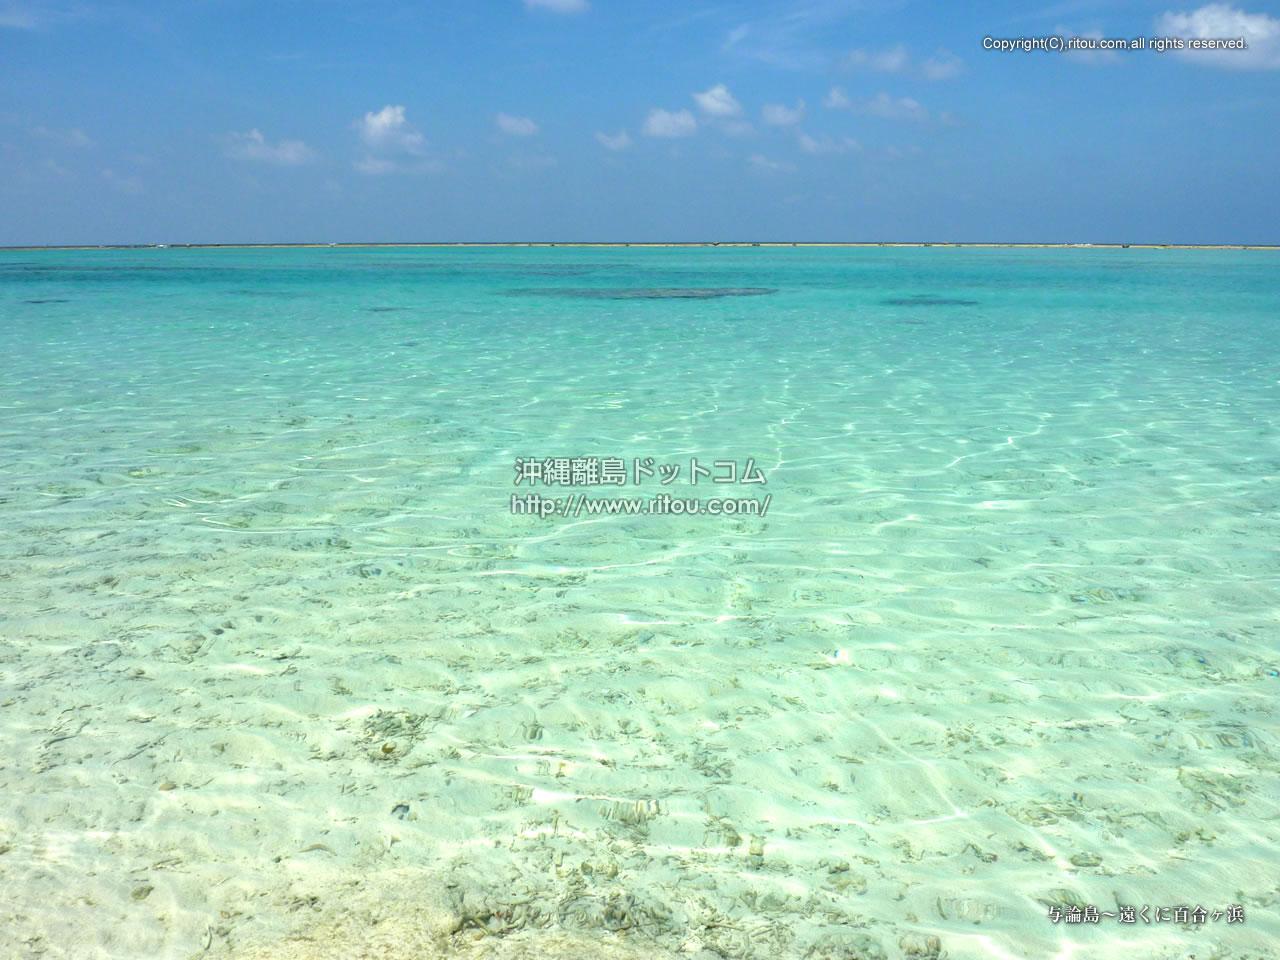 与論島〜遠くに百合ヶ浜